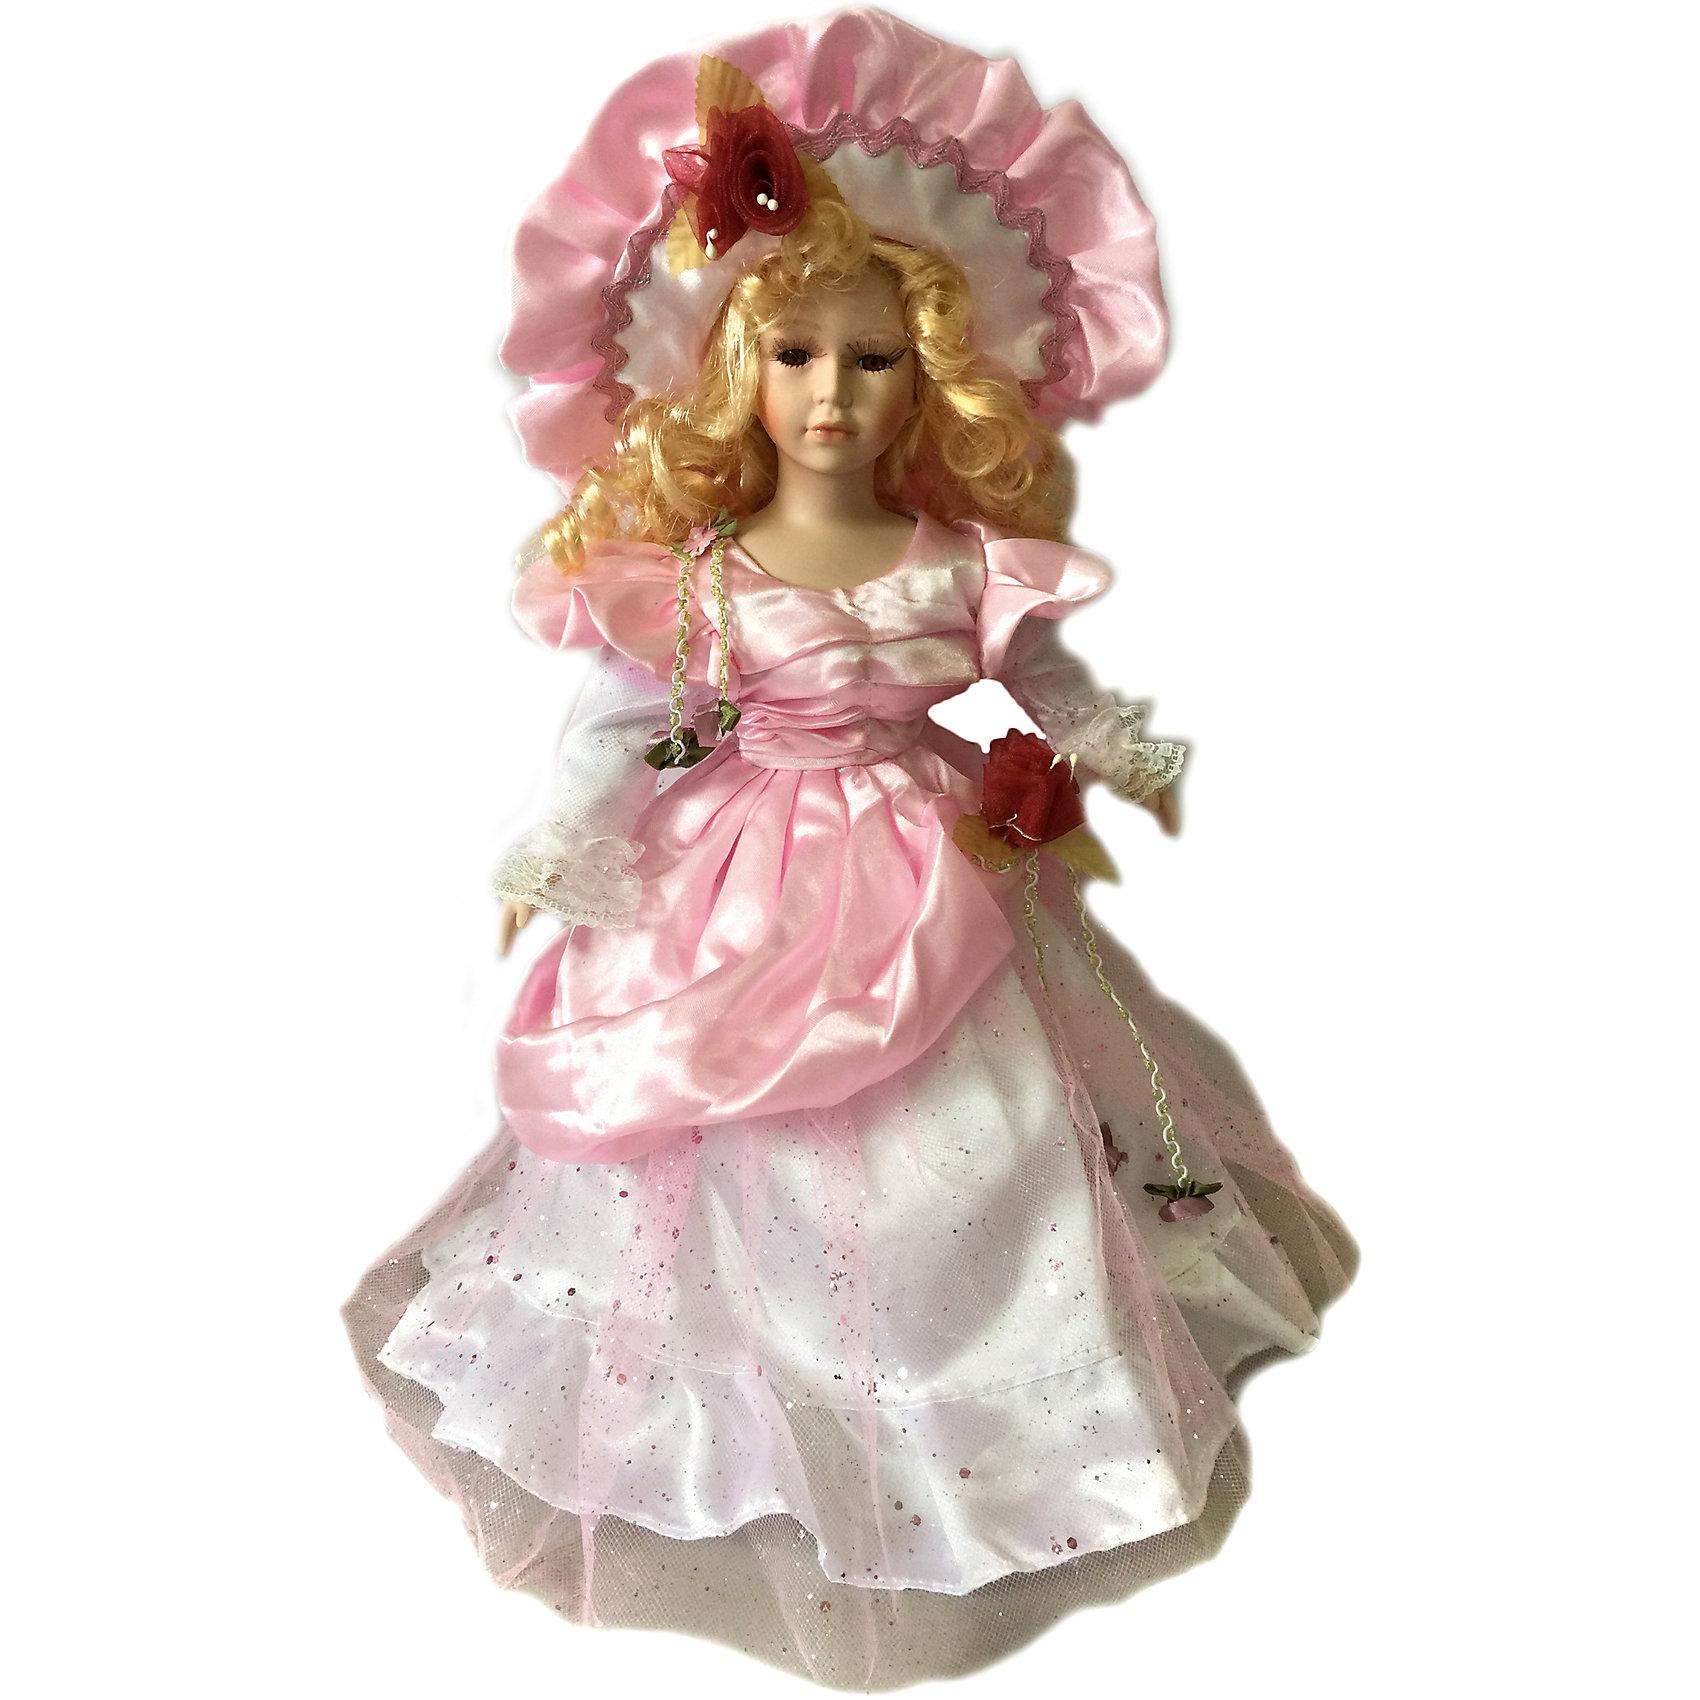 Фарфоровая кукла Адэлина, 40 см, Angel CollectionБренды кукол<br>Фарфоровая кукла Адэлина, 40 см, Angel Collection.<br><br>Характеристики:<br><br>• Высота куклы: 40 см.<br>• Материал: фарфор, текстиль<br>• Упаковка: картонная коробка блистерного типа<br><br>Фарфоровая кукла «Адэлина», Angel Collection изготовлена с большим вниманием к мелким деталям, благодаря этому она очень красива и привлекательна. Голову куклы украшает шляпка, из-под которой спадают на плечи длинные светлые локоны. Кукла одета красивое розовое платье. У Адэлины большие глаза в обрамлении длинных ресничек и ангельское кукольное личико. Кукла установлена на специальную подставку. <br><br>Фарфоровая красавица Адэлина - это не просто игрушка, а также украшение для интерьера или ценный экспонат коллекции. Каждая кукла в серии Angel Collection, обладает неповторимым образом - принцессы, феи, маленькие девочки, роскошные невесты и т.д. Изысканные наряды и очаровательная матовость фарфора превращают этих кукол в настоящее произведение искусства. Куклы Angel Collection сделаны из уникальной голубой глины, добываемой только в провинции Tai-Nan Shin, Тайвань.<br><br>Фарфоровую куклу Адэлина, 40 см, Angel Collection можно купить в нашем интернет-магазине.<br><br>Ширина мм: 160<br>Глубина мм: 420<br>Высота мм: 95<br>Вес г: 833<br>Возраст от месяцев: 36<br>Возраст до месяцев: 2147483647<br>Пол: Женский<br>Возраст: Детский<br>SKU: 5400284